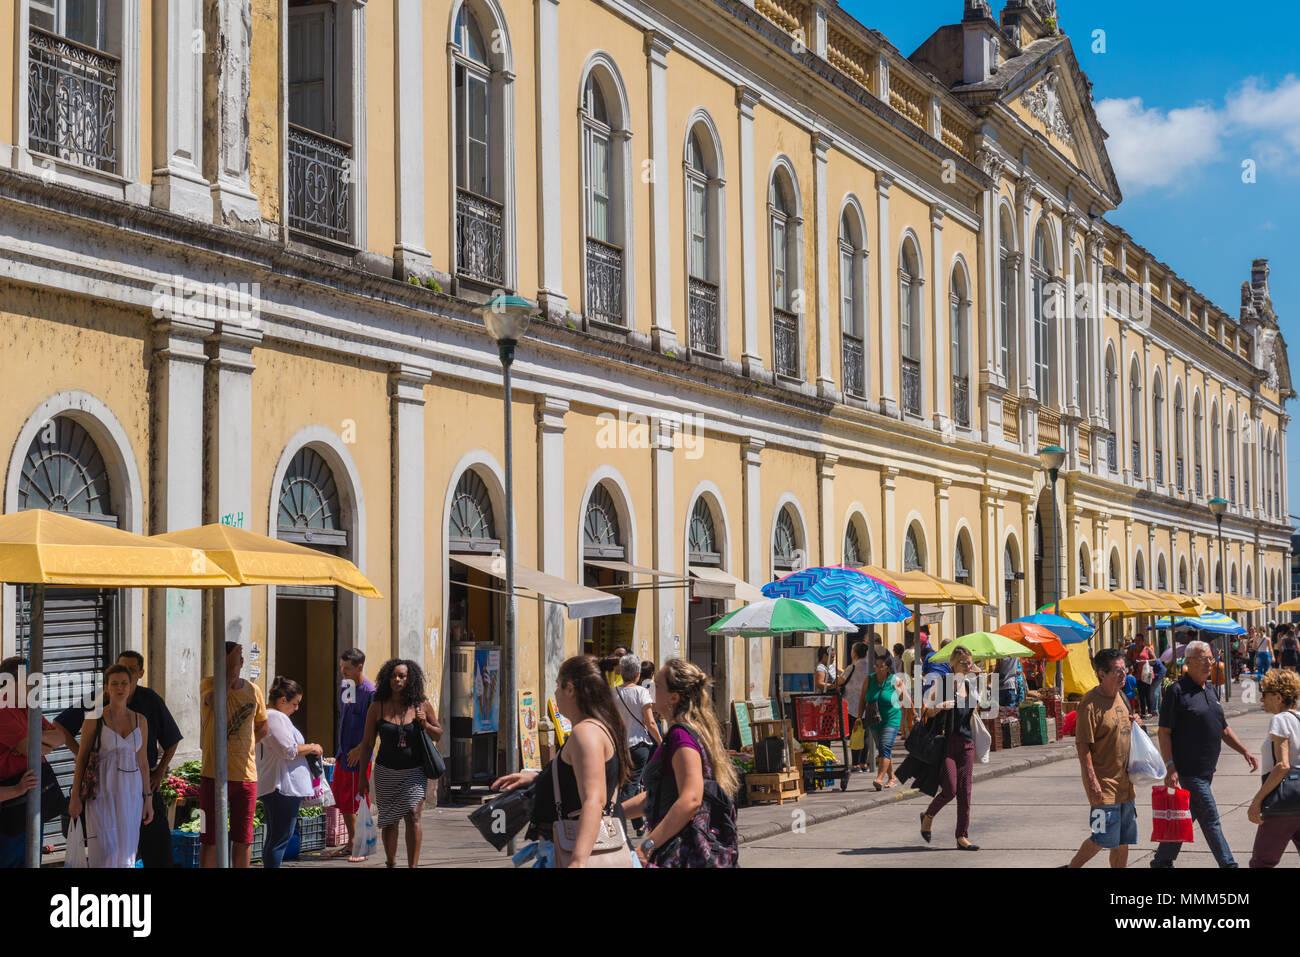 Daily market  in the centre of Porto Alegre, yellow colonial building of the 'Mercado Publico' Rio Grande do Sul, Brazil, Latin America - Stock Image